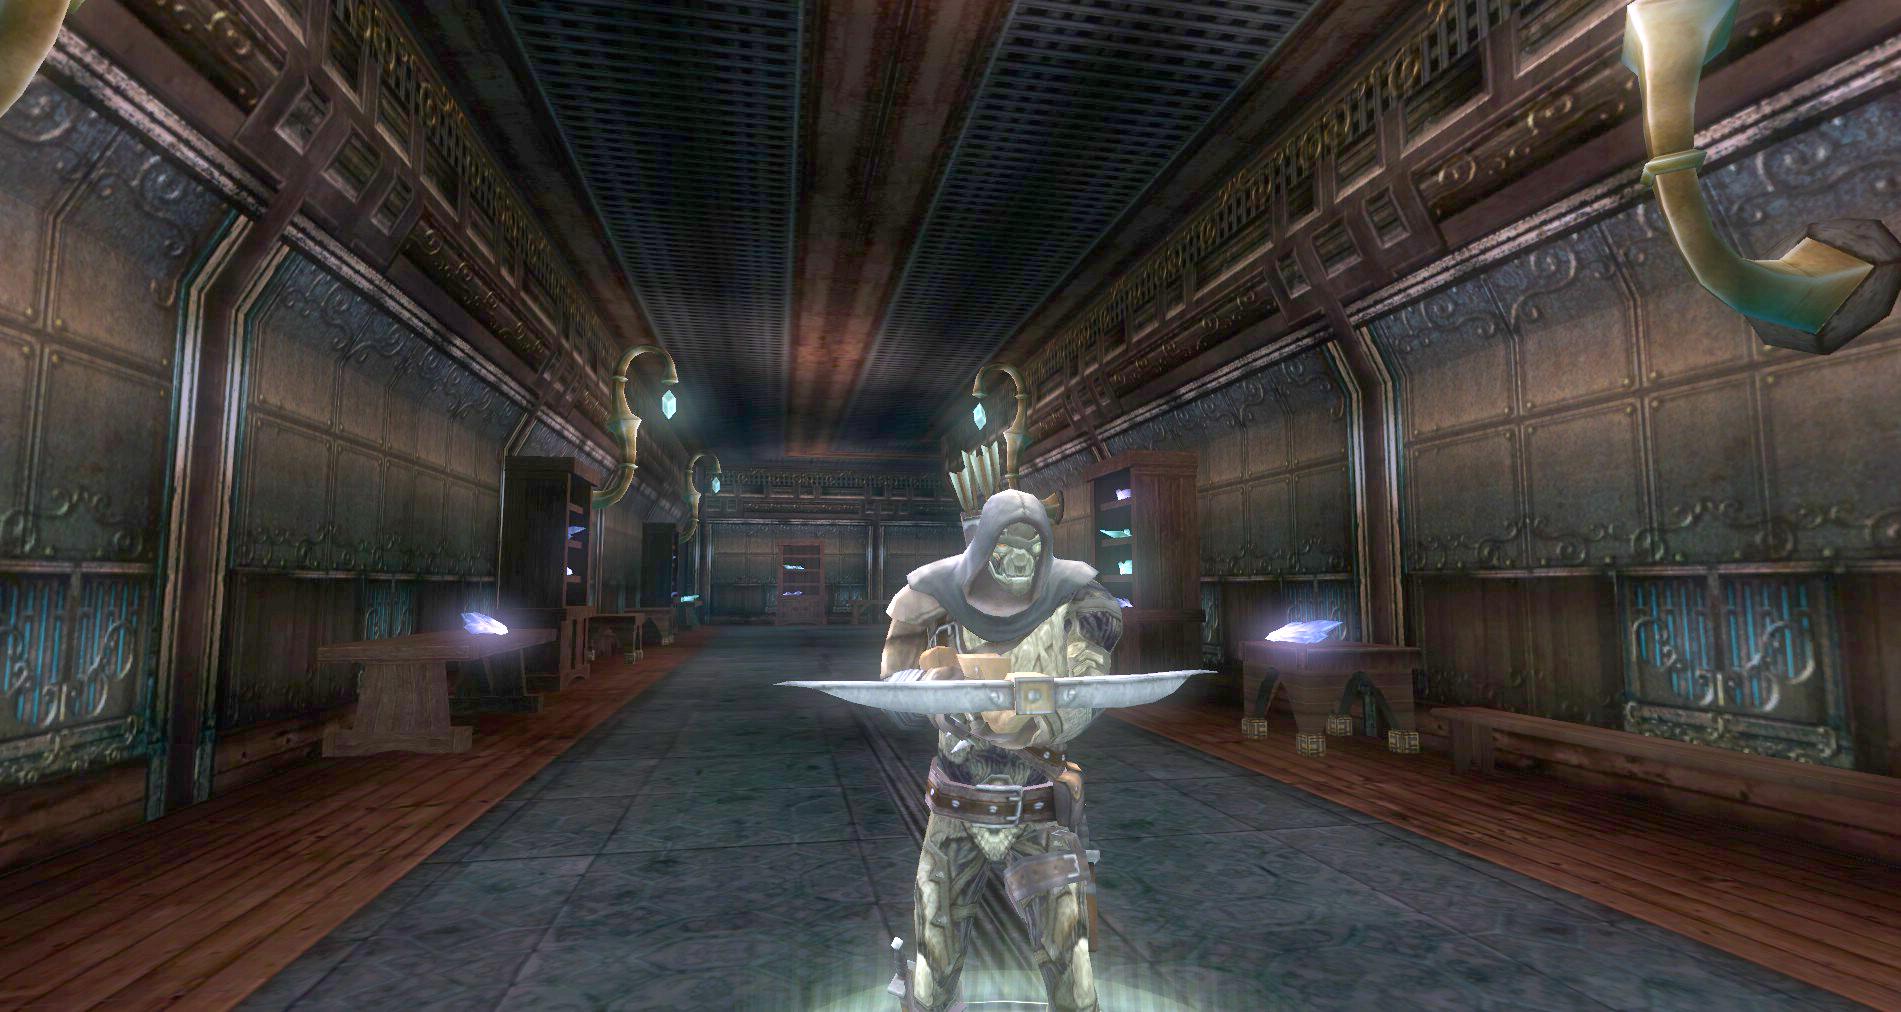 u11-power-play-hallway-patrol